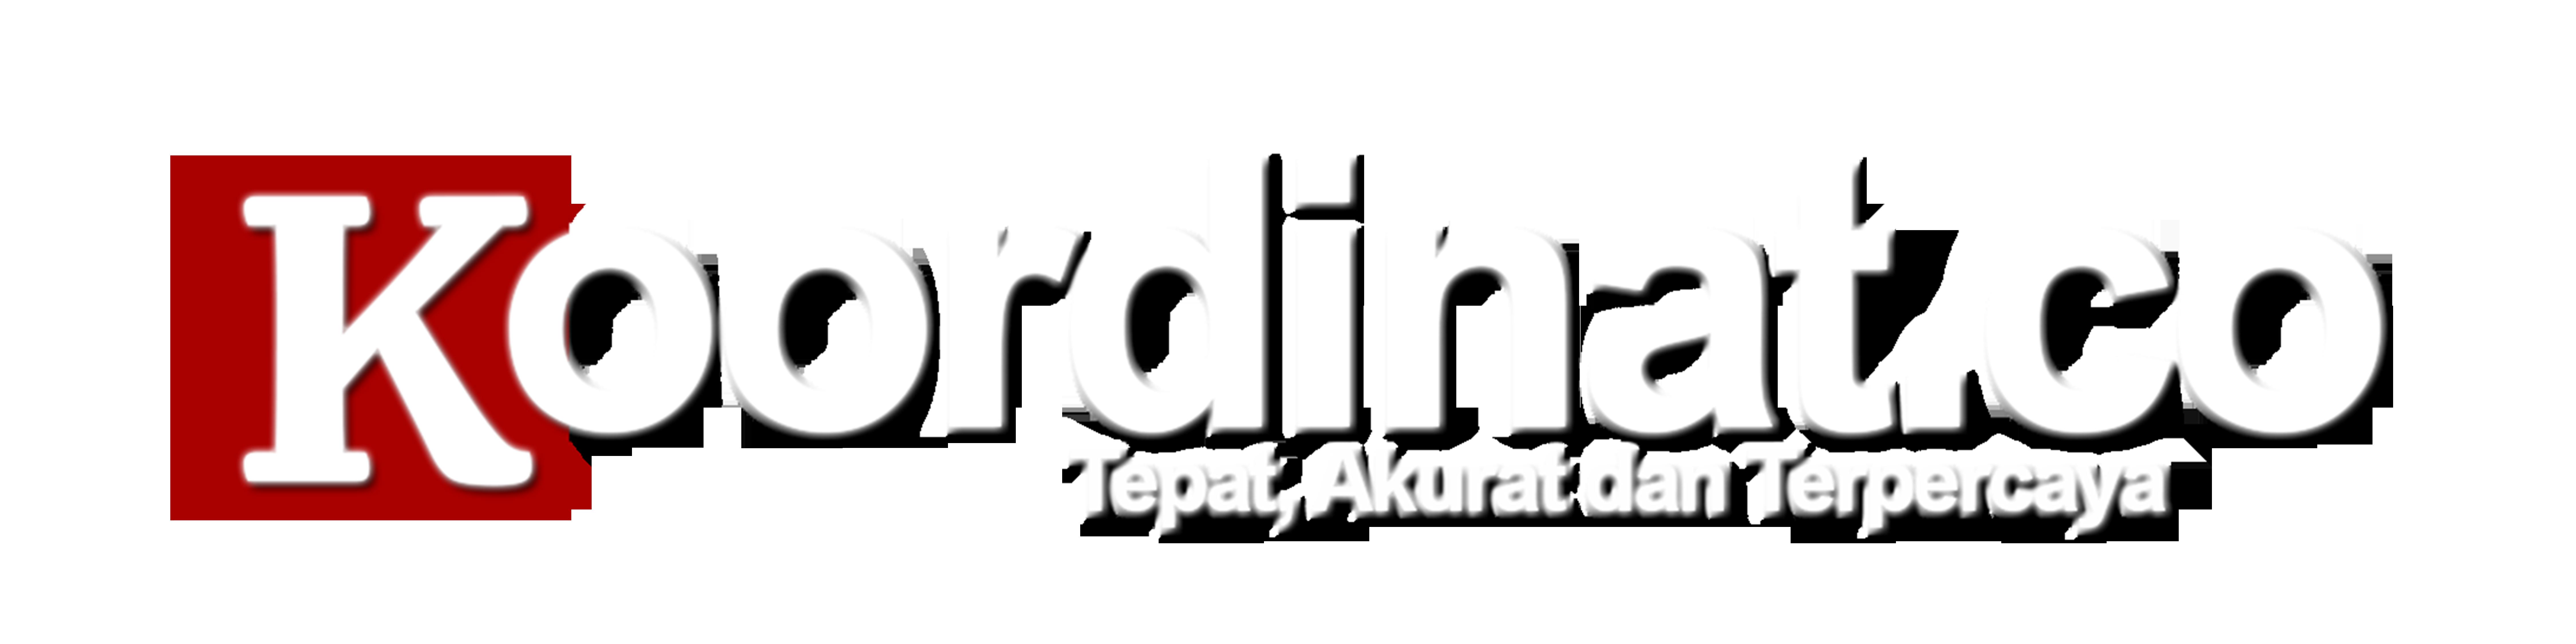 KOORDINAT.CO